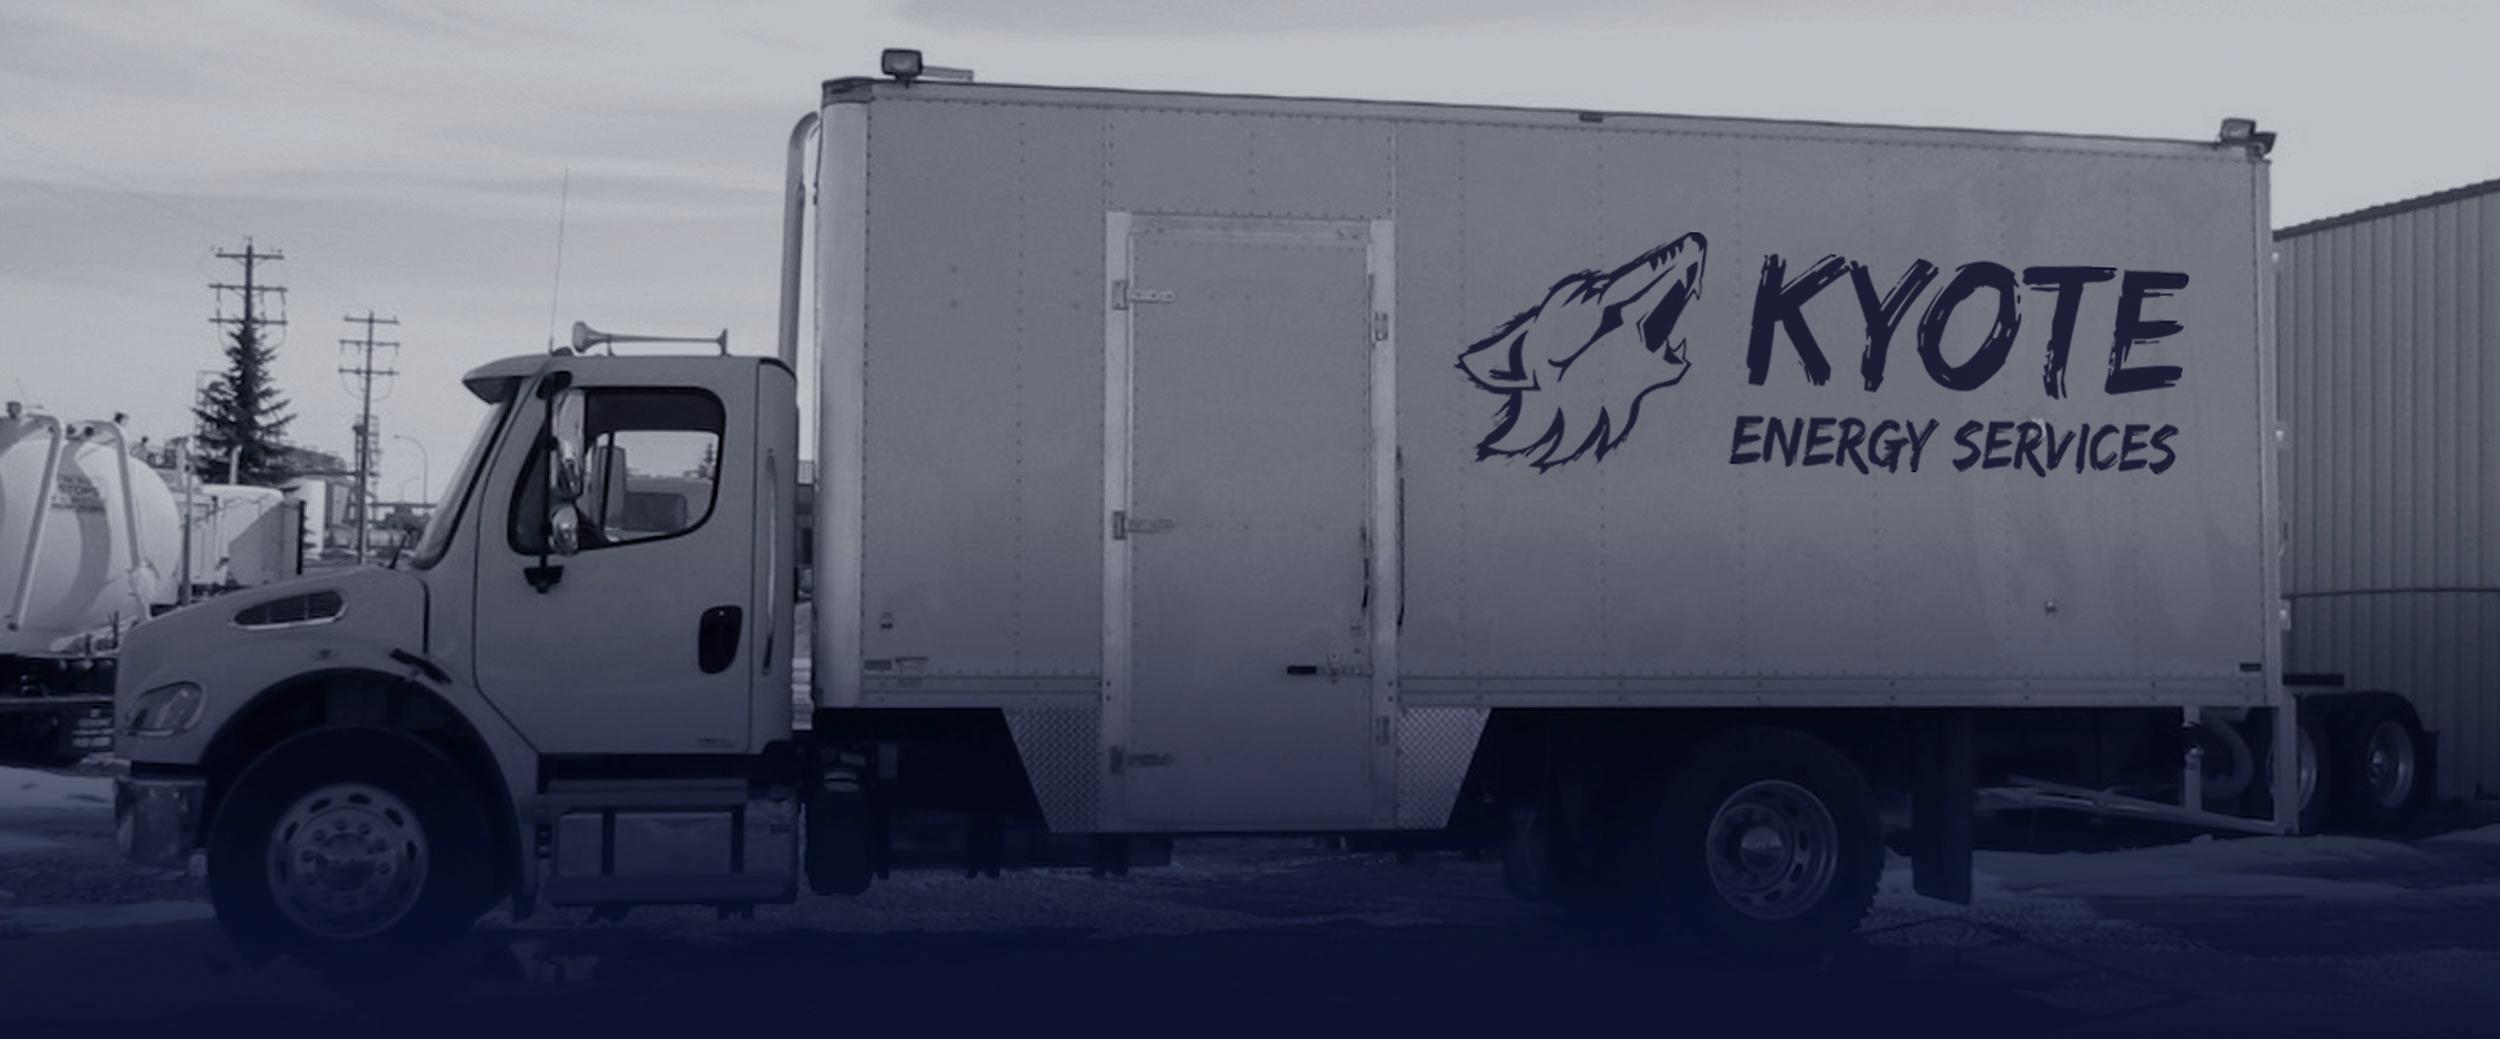 boiler-truck-logo